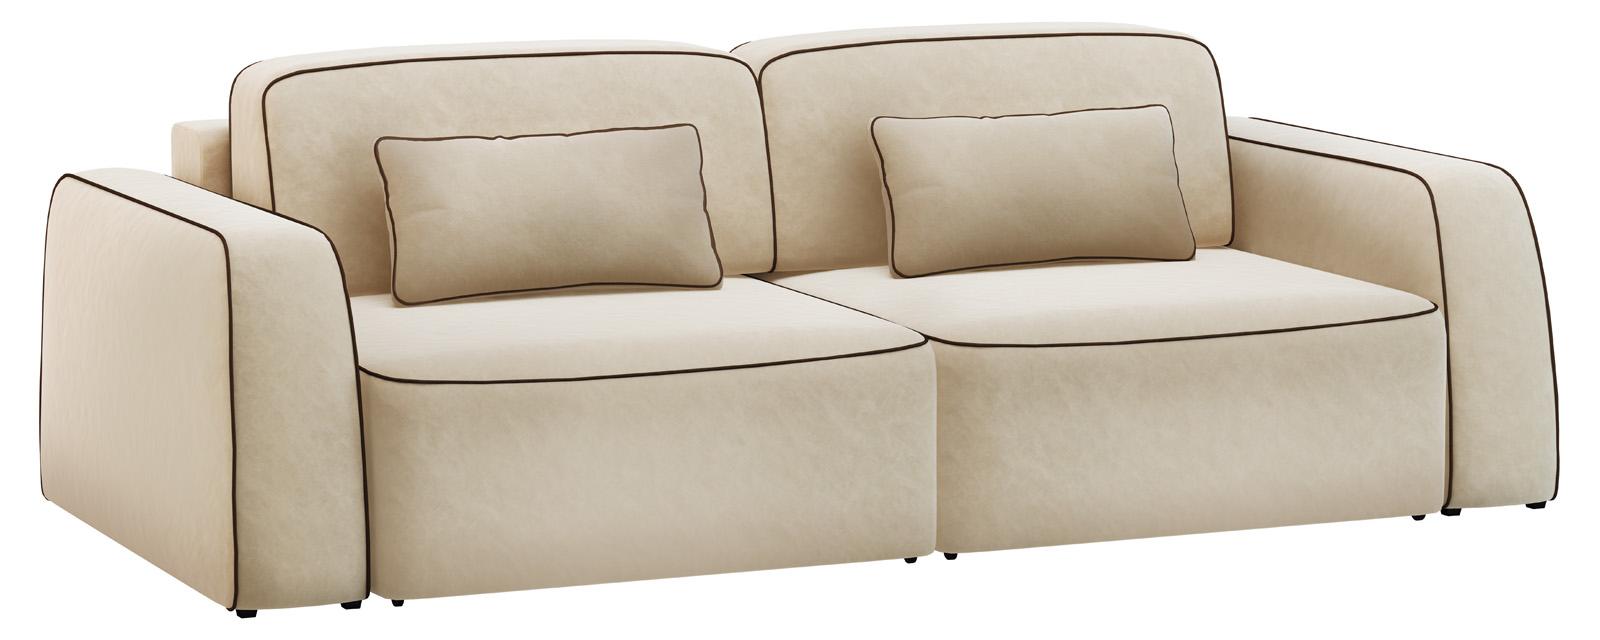 Модульный диван Портленд 200 см Вариант №1 Velure бежевый/темно-коричневый (Велюр)